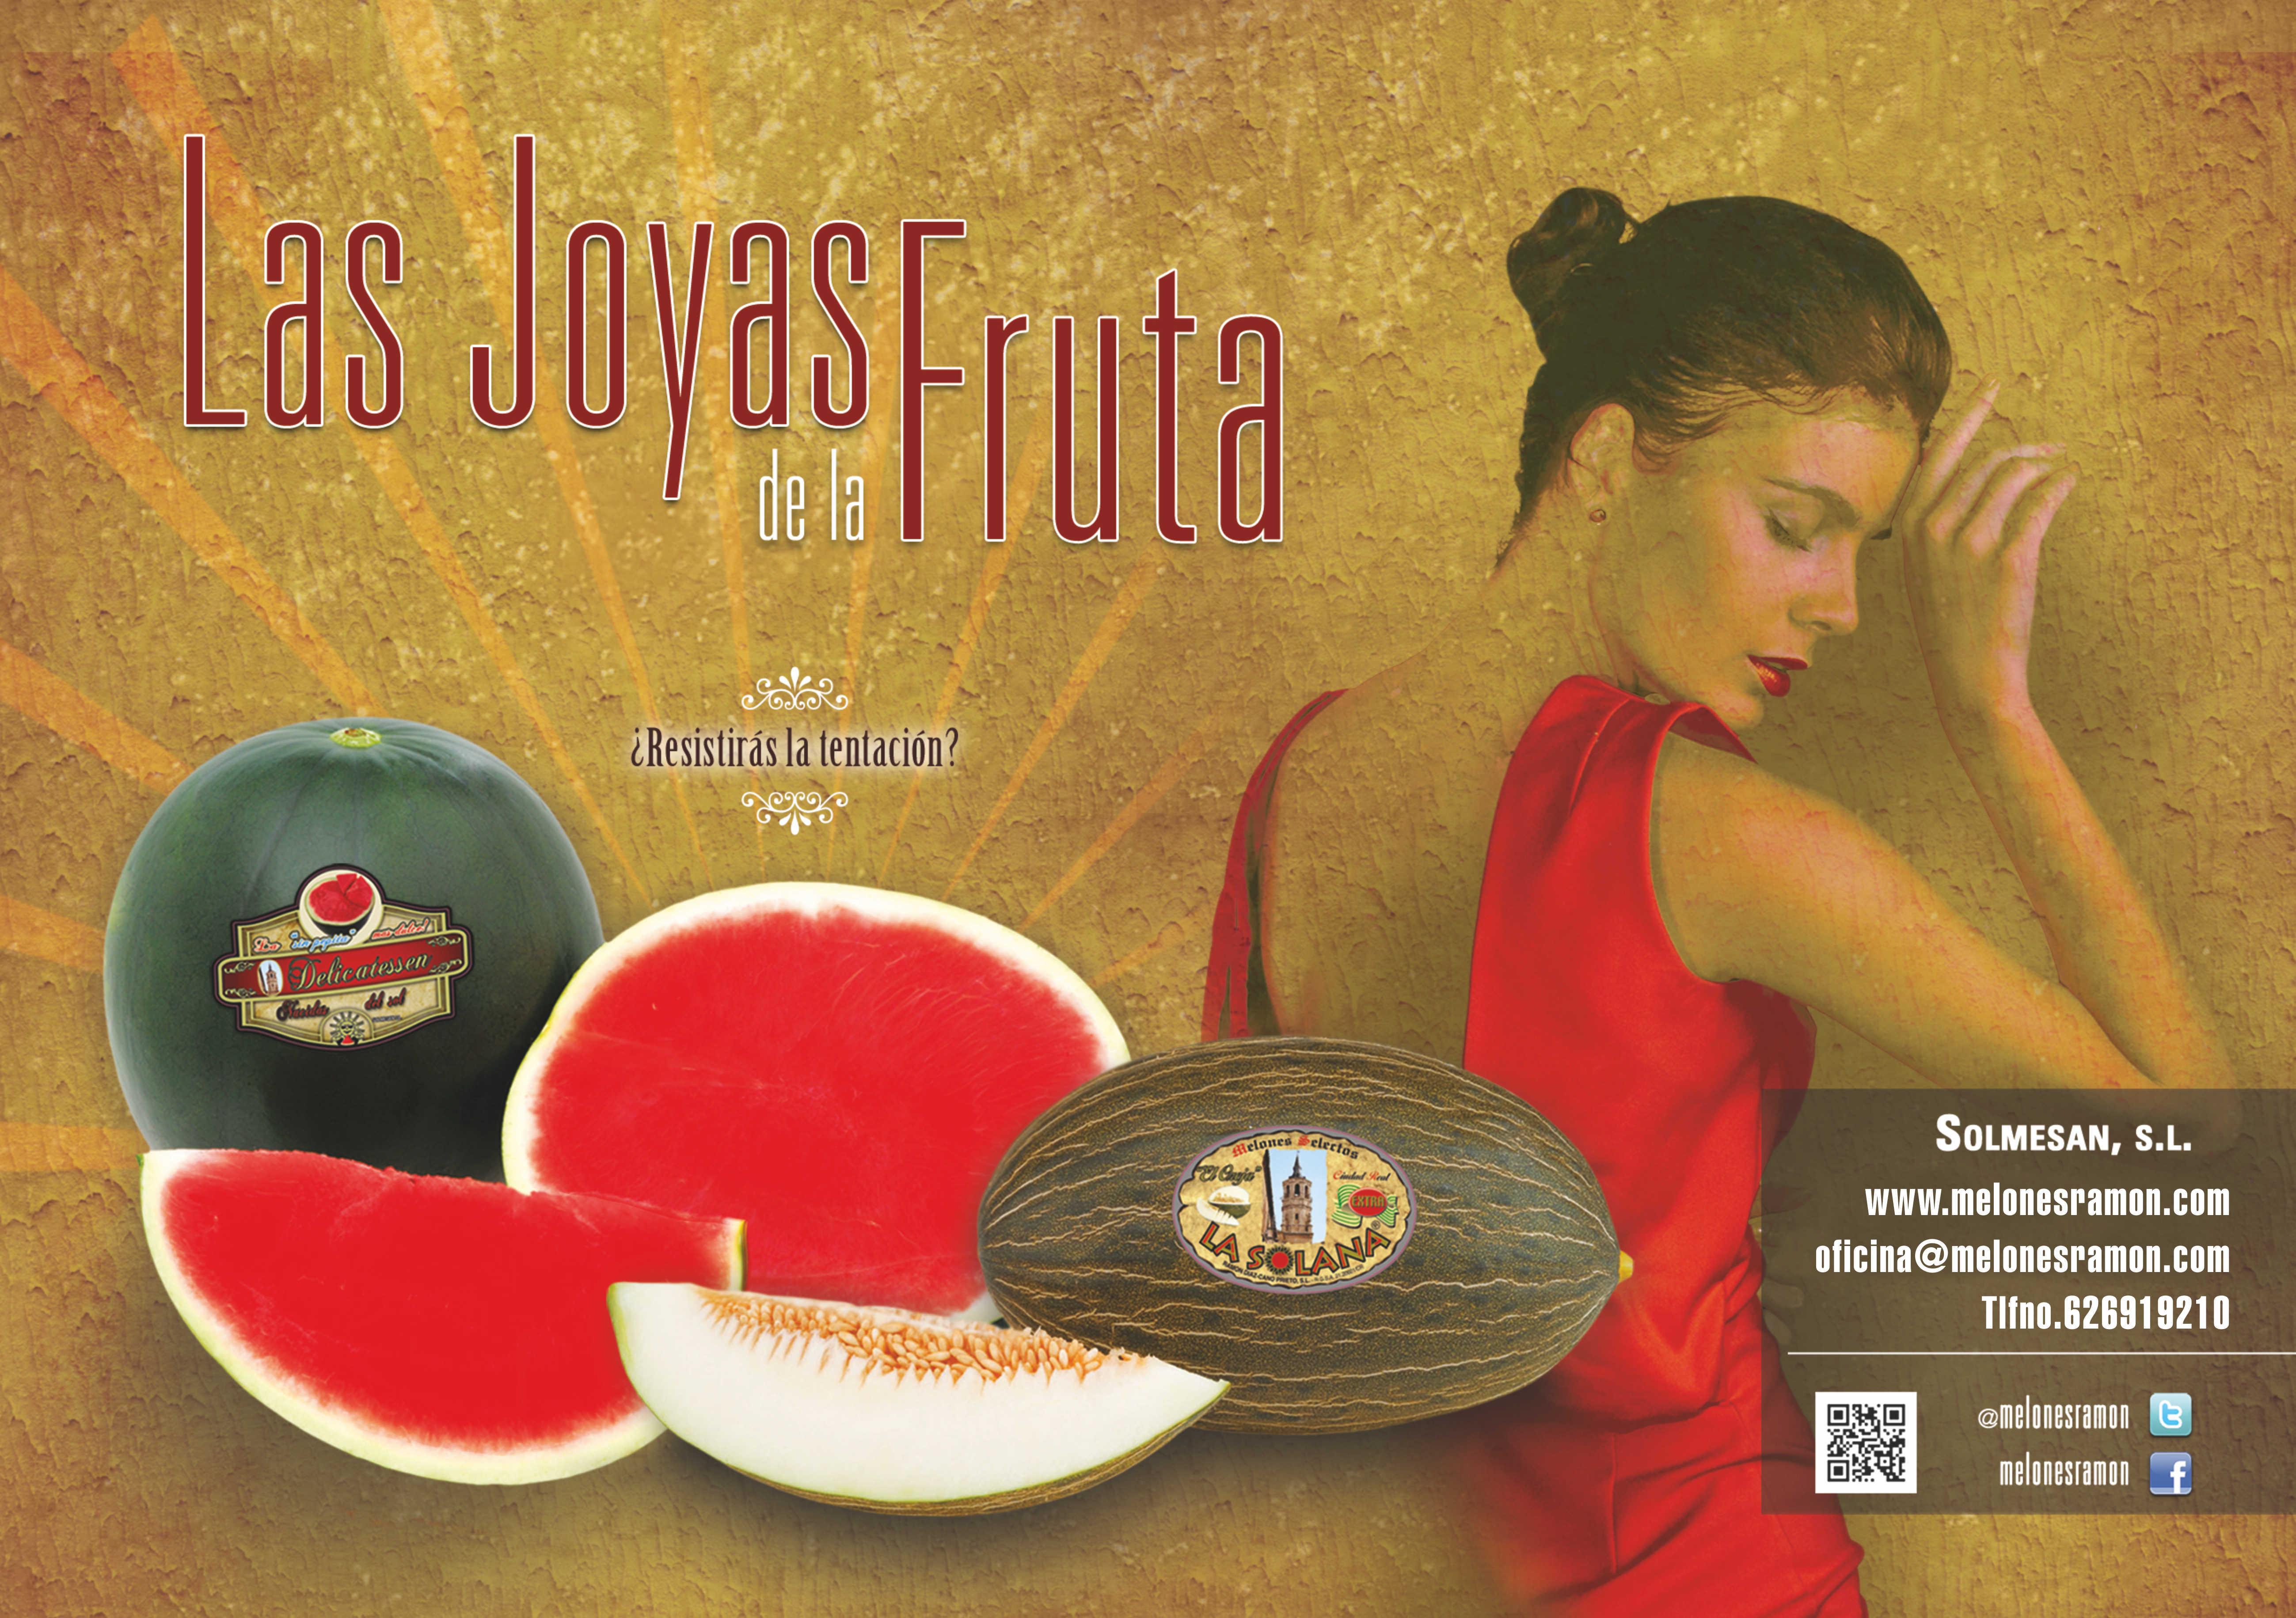 Las Joyas de la fruta